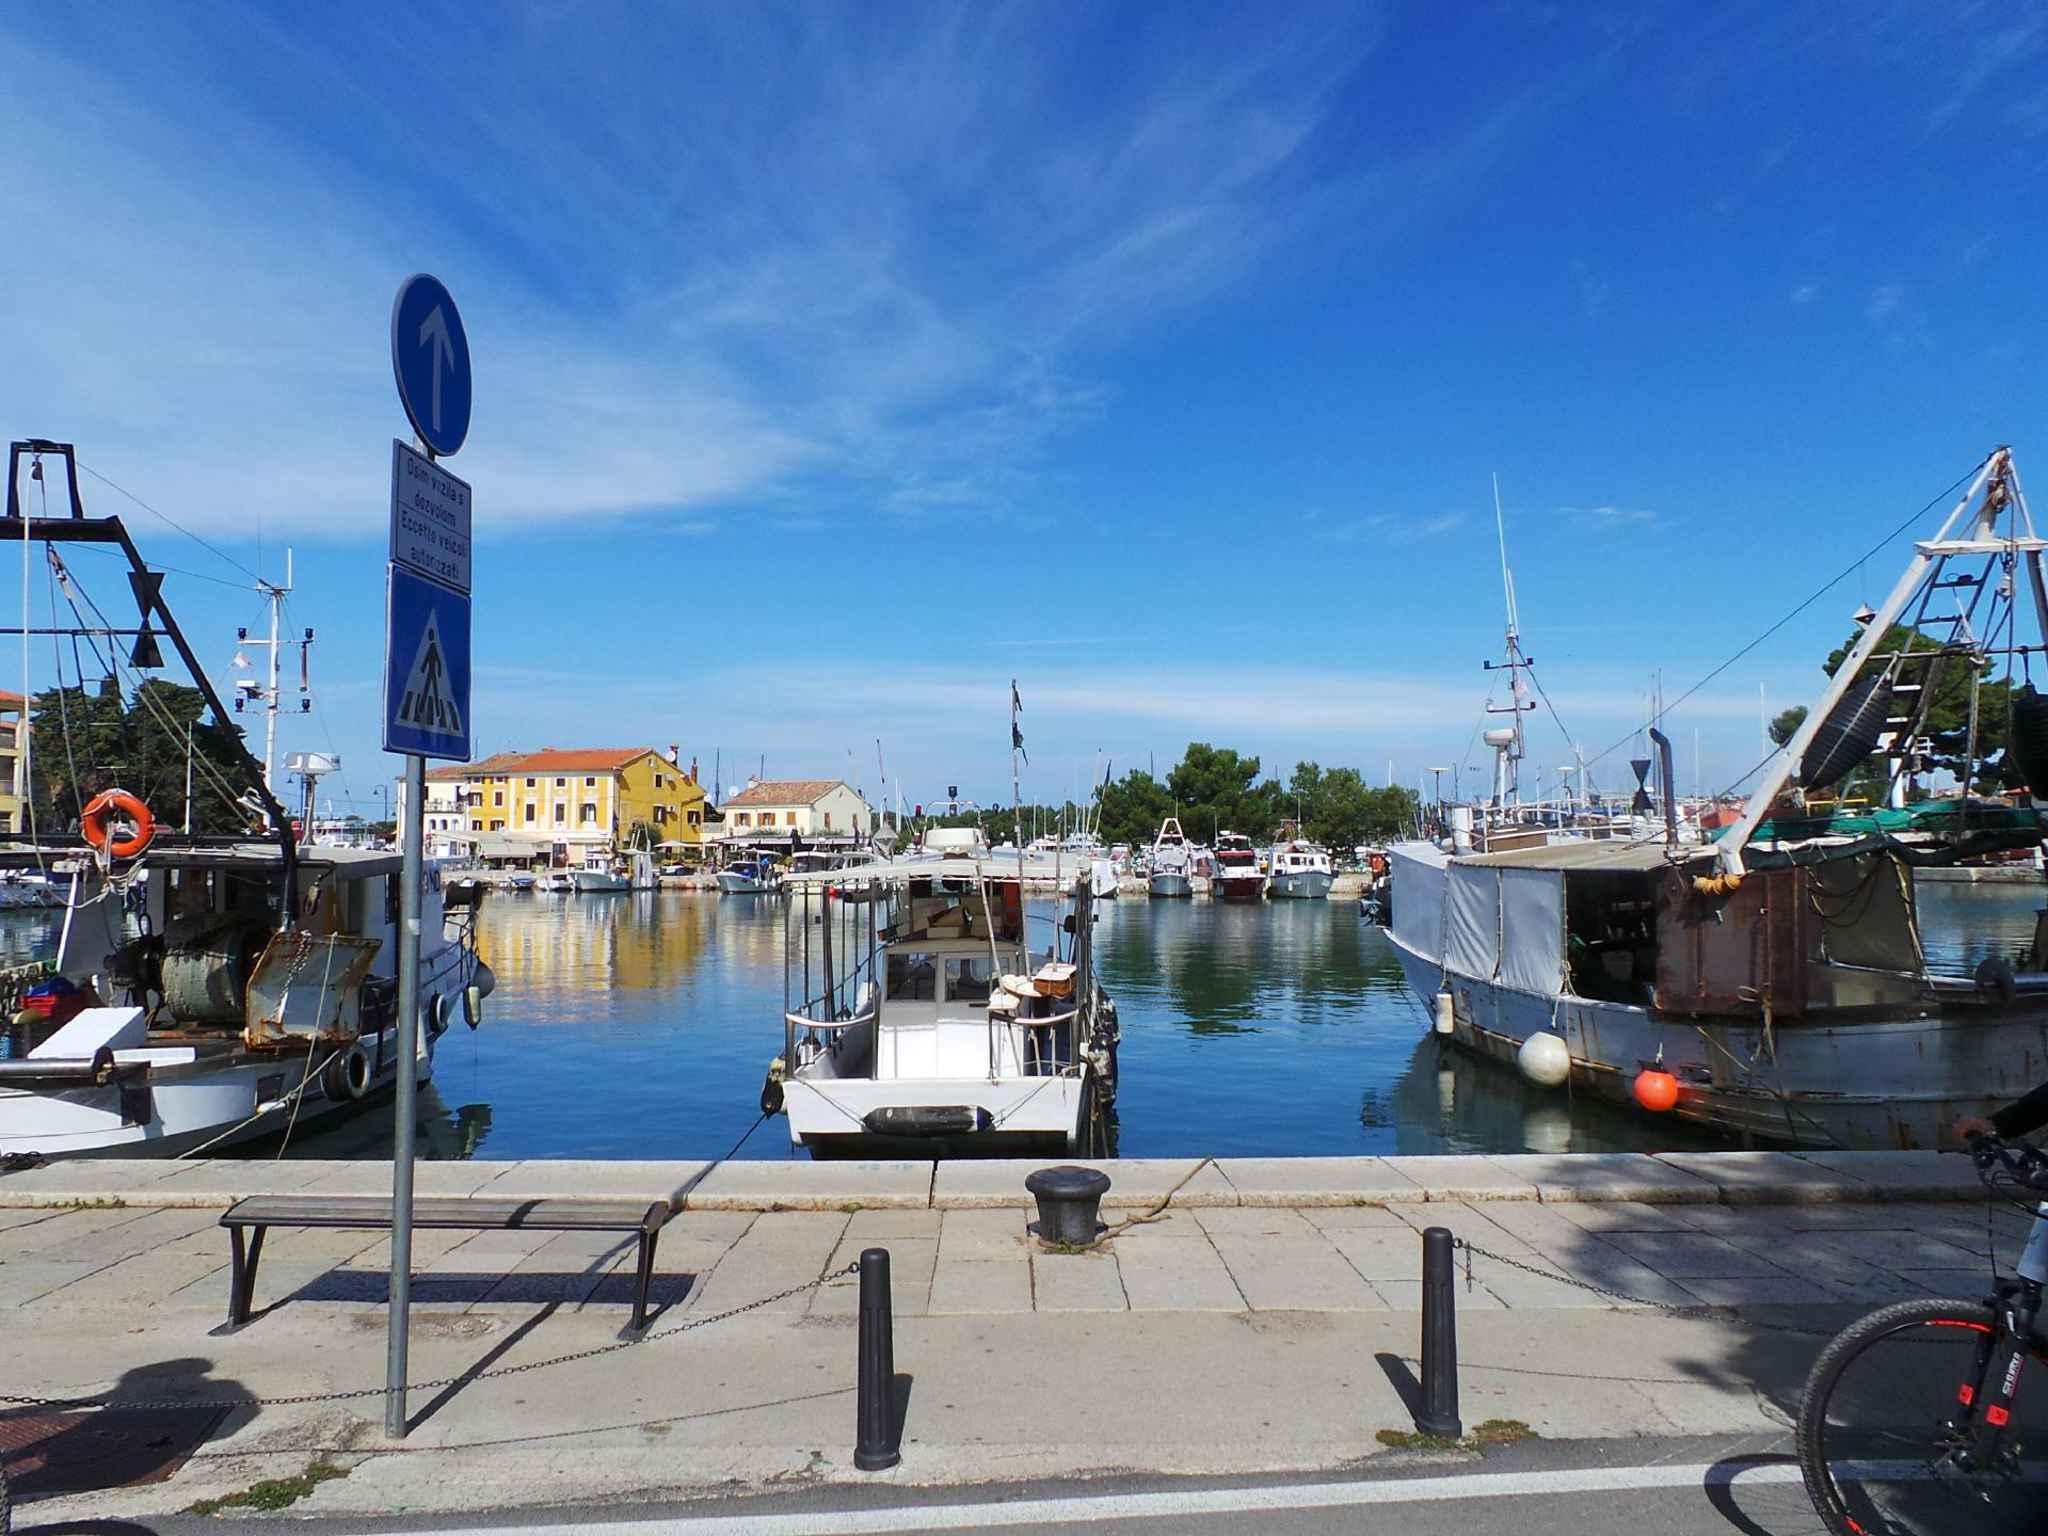 Ferienwohnung mit 4 Bäder nur 250 m von der Adria (278909), Zadar, , Dalmatien, Kroatien, Bild 23